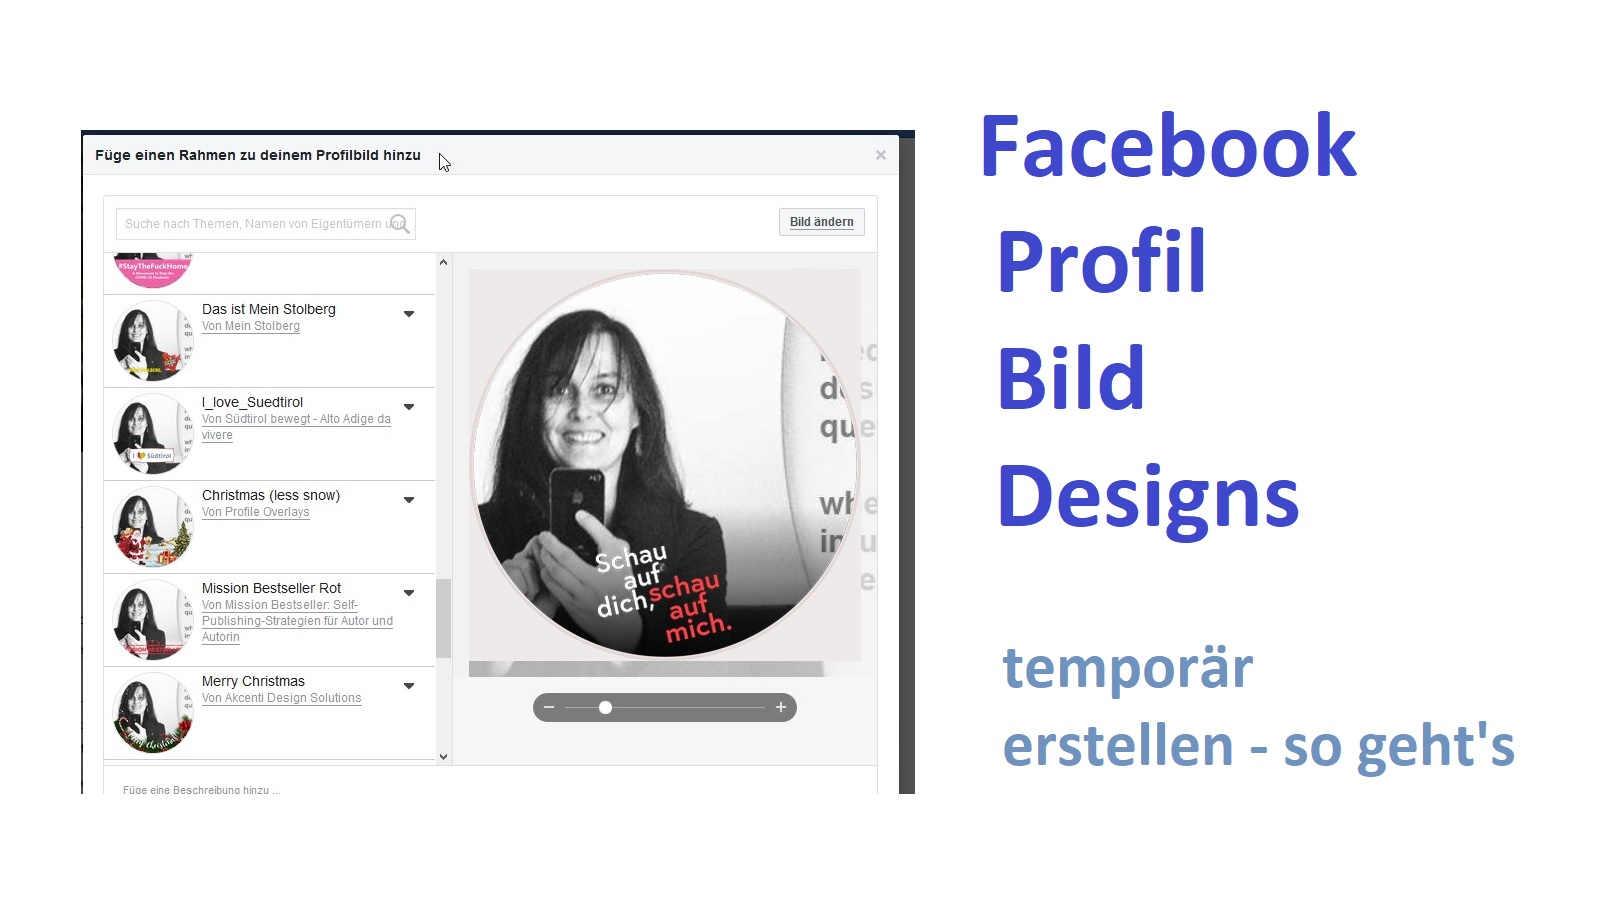 Likes facebook behalten aktualisieren profilbild Facebook vorübergehendes